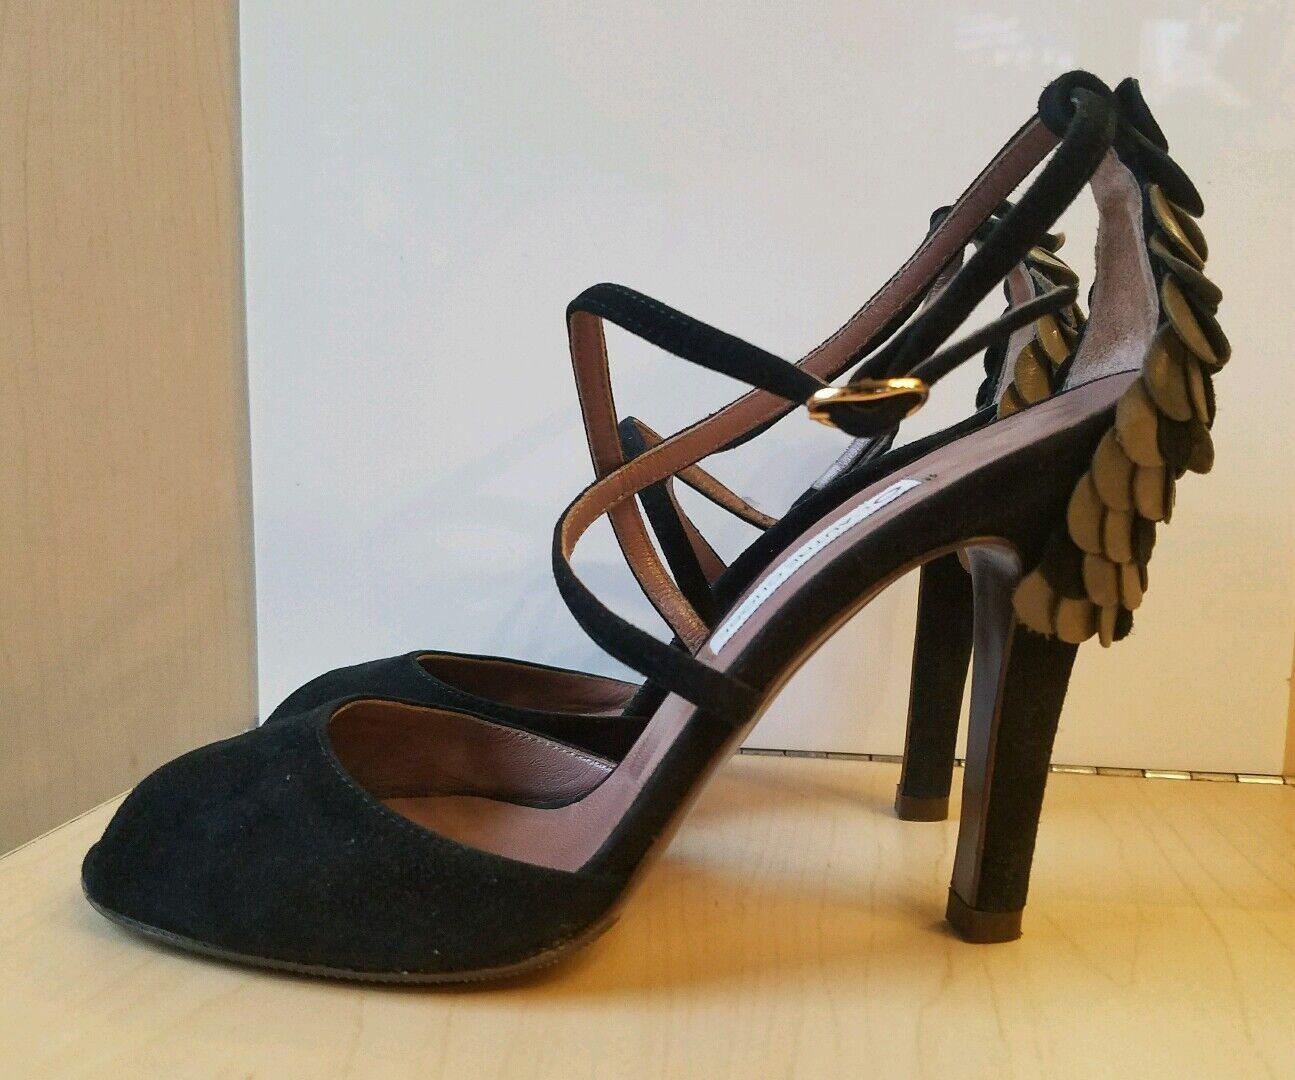 L'Autre Chose Black Suede Peep Toe Toe Peep Heels Shoes 36. In MINT CONDITION. f282c7